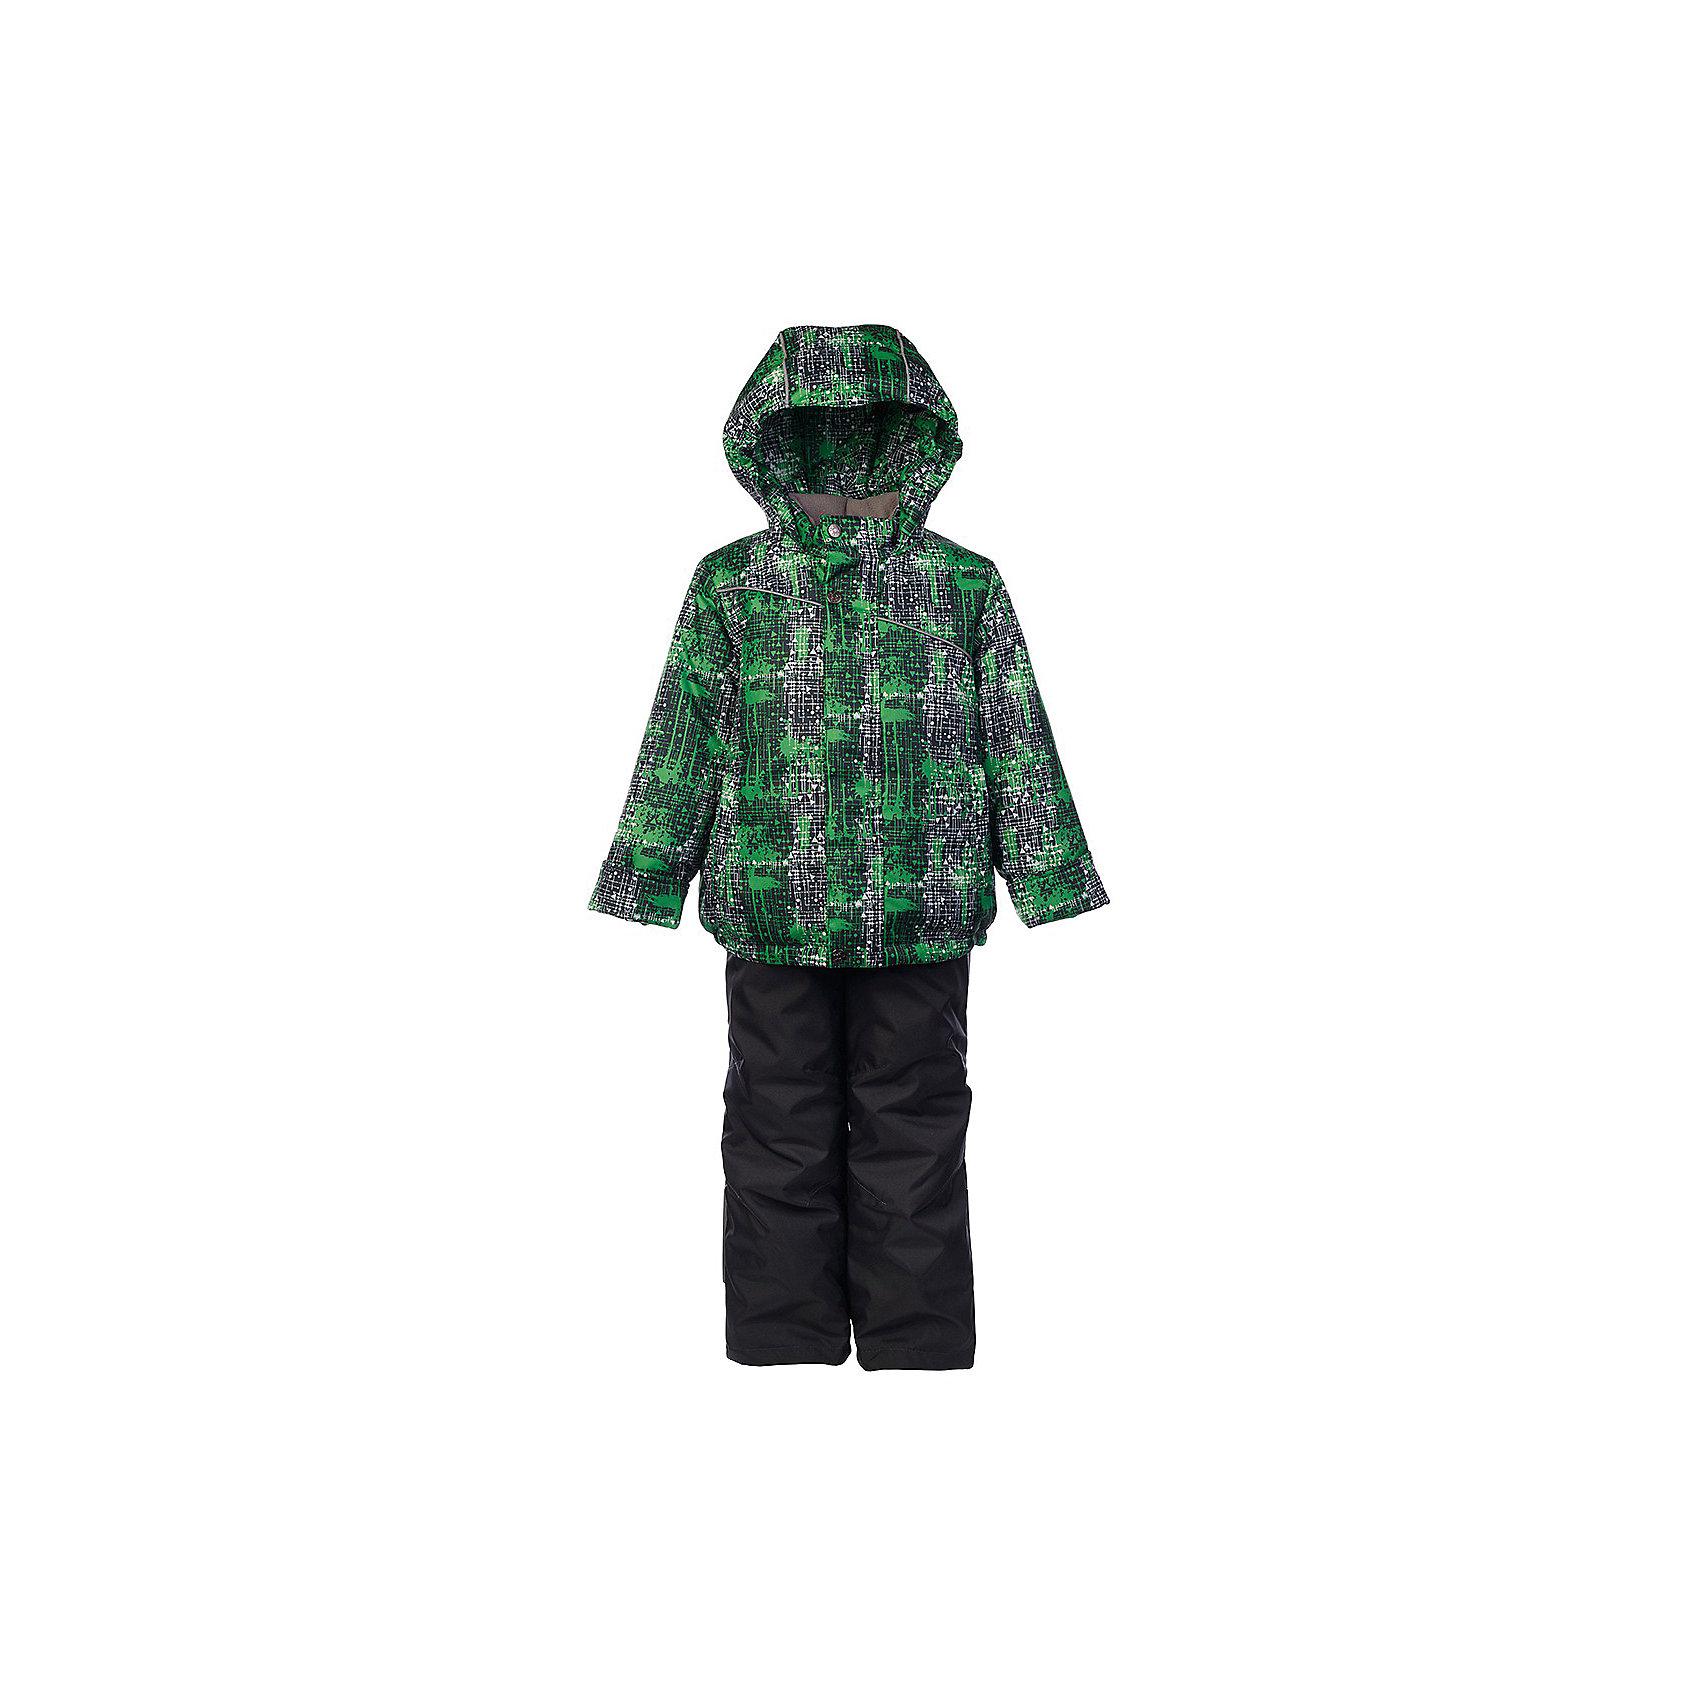 Комплект: куртка и полукомбинезон Джед OLDOS для мальчикаВерхняя одежда<br>Характеристики товара:<br><br>• цвет: серый<br>• комплектация: куртка и полукомбинезон<br>• состав ткани: полиэстер<br>• подкладка: флис<br>• утеплитель: Hollofan <br>• сезон: зима<br>• мембранное покрытие<br>• температурный режим: от -30 до 0<br>• водонепроницаемость: 3000 мм <br>• паропроницаемость: 3000 г/м2<br>• плотность утеплителя: куртка - 300 г/м2, полукомбинезон - 150 г/м2<br>• застежка: молния<br>• капюшон: без меха, несъемный<br>• страна бренда: Россия<br>• страна изготовитель: Россия<br><br>Зимний комплект от бренда Oldos разработан специально для детей. Мембранное покрытие такого детского комплекта - это защита от воды и грязи, износостойкость, за ним легко ухаживать. Мембранный комплект для мальчика дополнен элементами для удобства ребенка: воротник-стойка, двойная ветрозащитная планка с защитой подбородка. <br><br>Комплект: куртка и полукомбинезон Джед Oldos (Олдос) для мальчика можно купить в нашем интернет-магазине.<br><br>Ширина мм: 356<br>Глубина мм: 10<br>Высота мм: 245<br>Вес г: 519<br>Цвет: зеленый<br>Возраст от месяцев: 18<br>Возраст до месяцев: 24<br>Пол: Мужской<br>Возраст: Детский<br>Размер: 92,134,128,122,116,110,104,98<br>SKU: 7016416